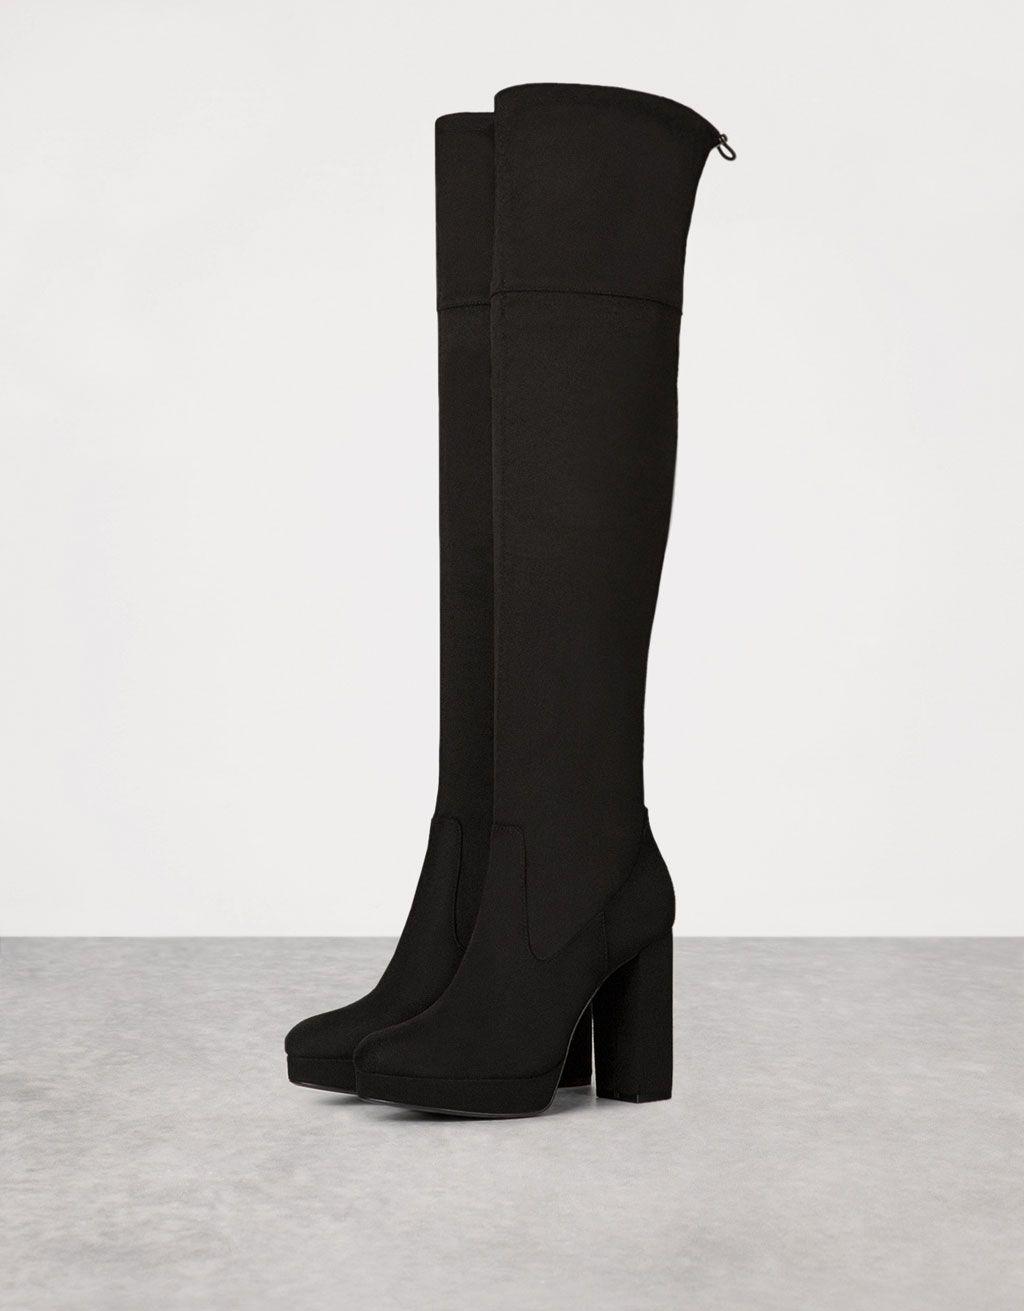 Bershka France - Bottes hautes talon large plateforme   chaussures ... d11e2964cbce